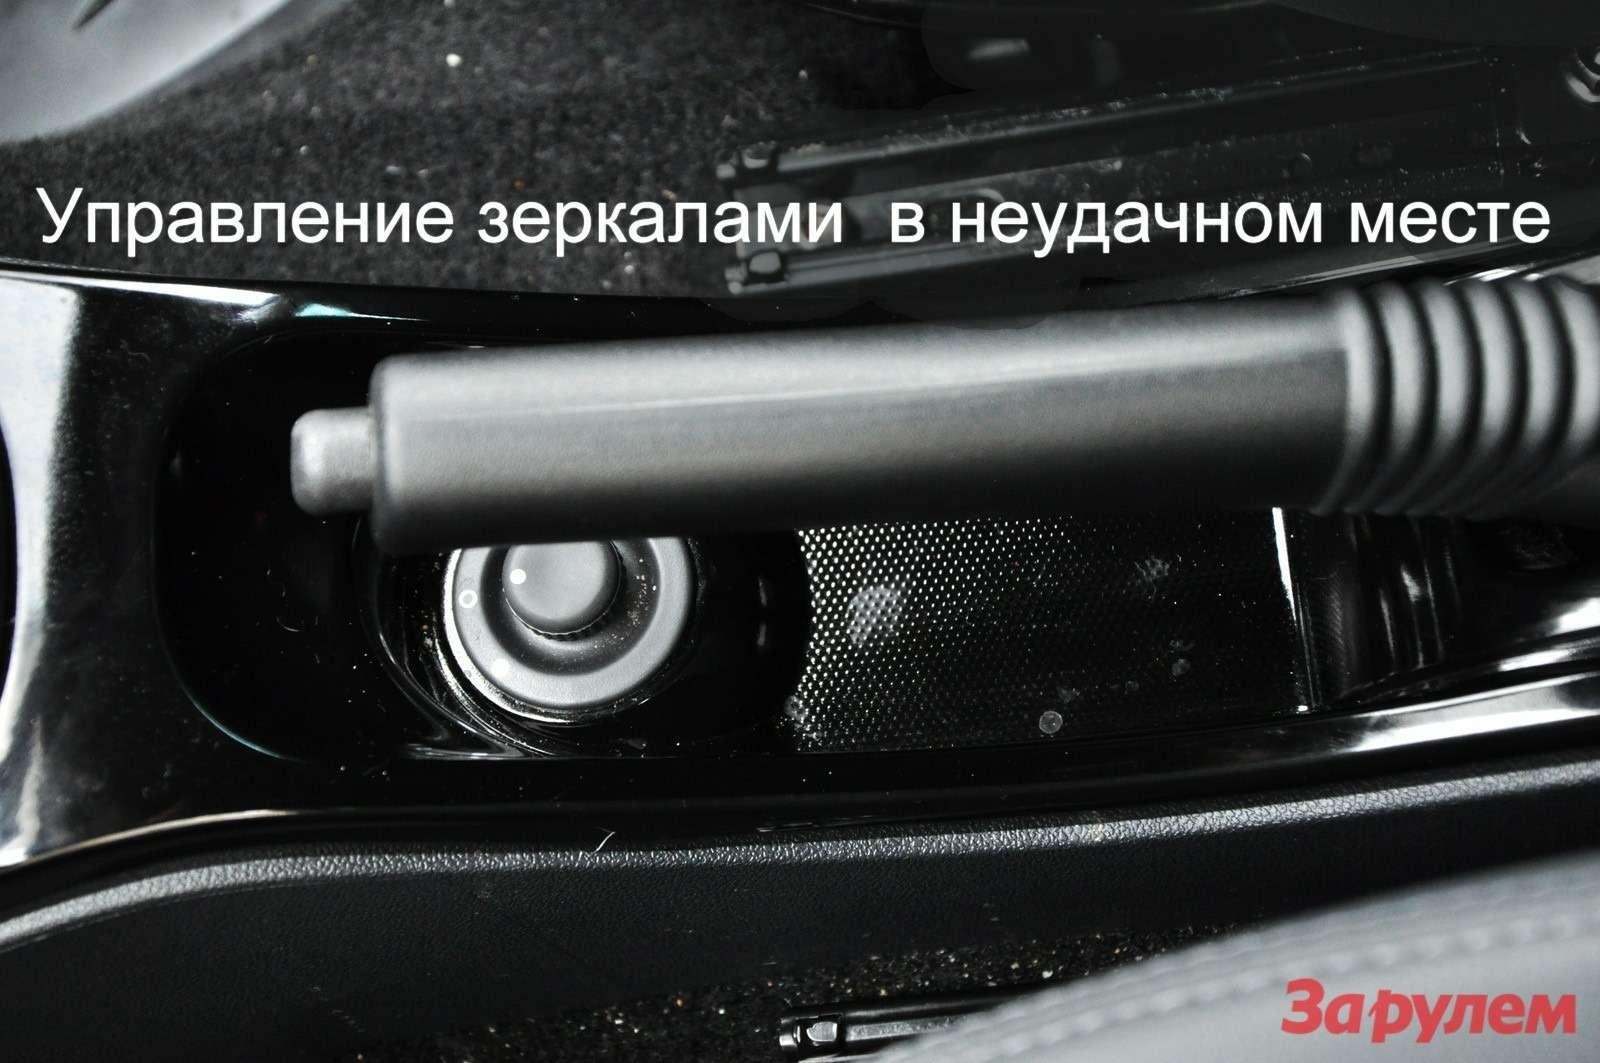 Джойстик управления зеркалами запрятан под